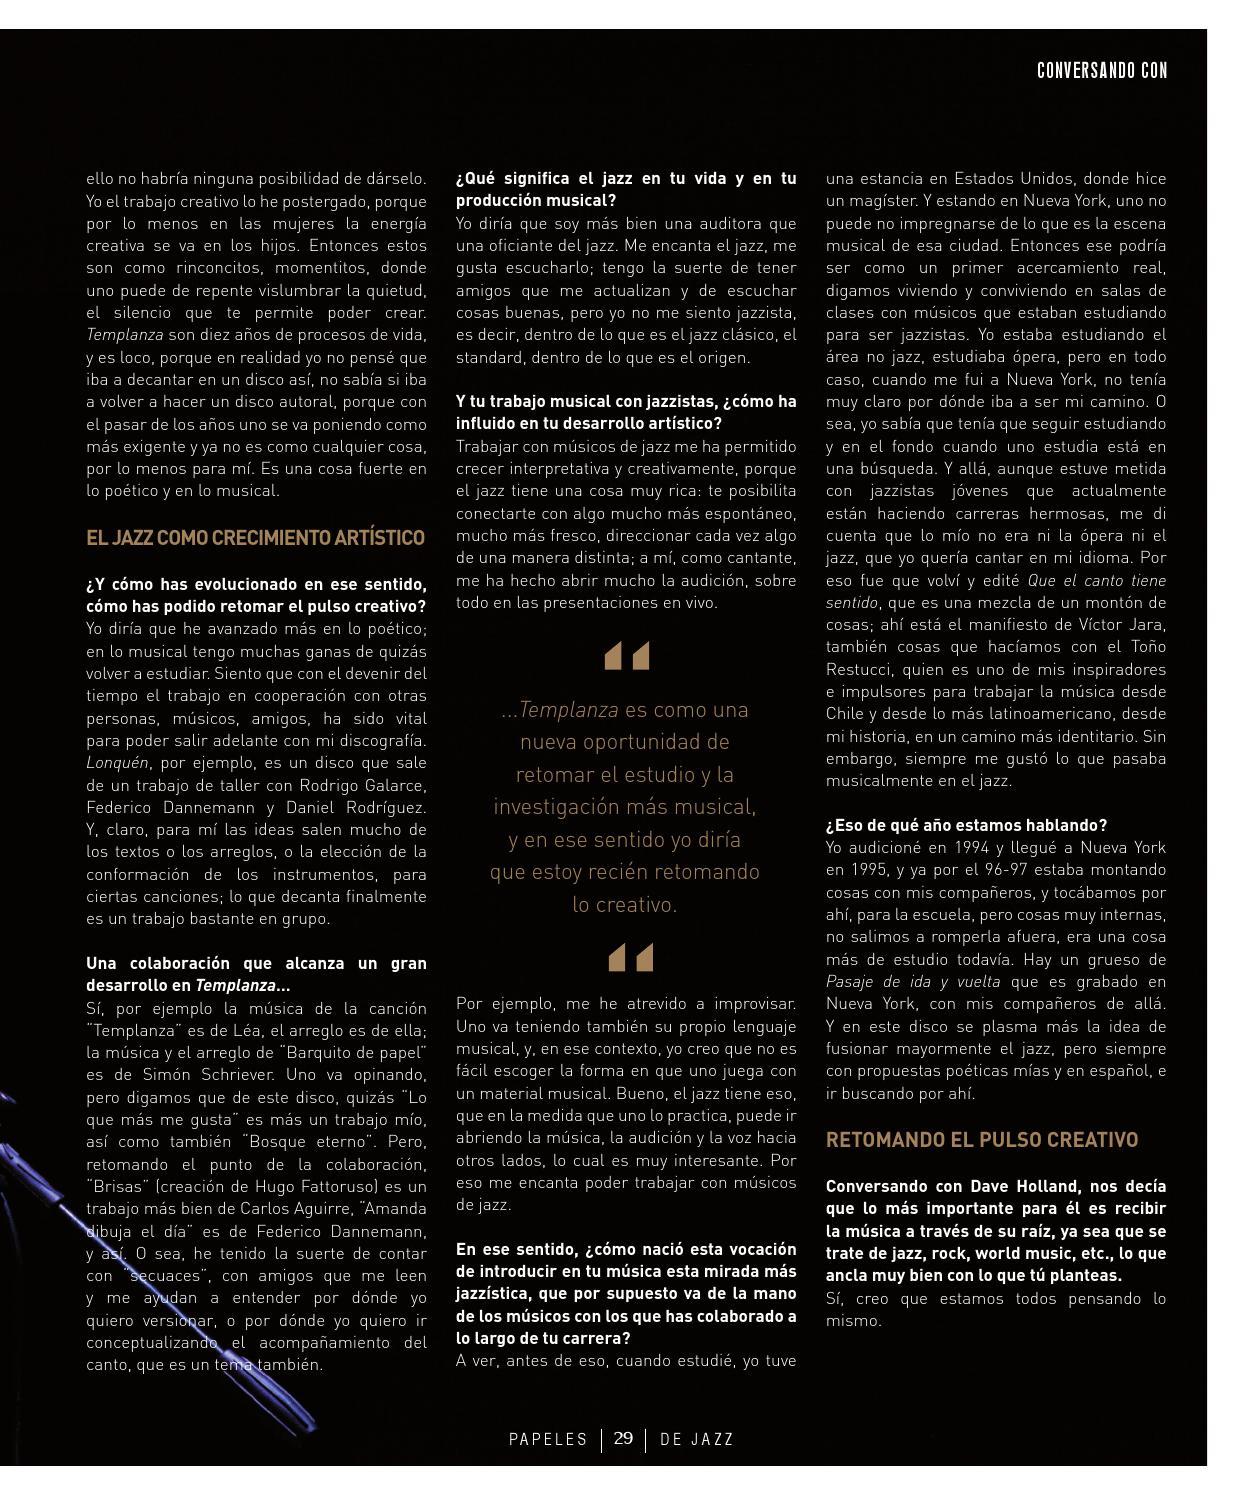 6423e0efda3 PAPELES DE JAZZ Nº2 by Revista Papeles de Jazz - issuu